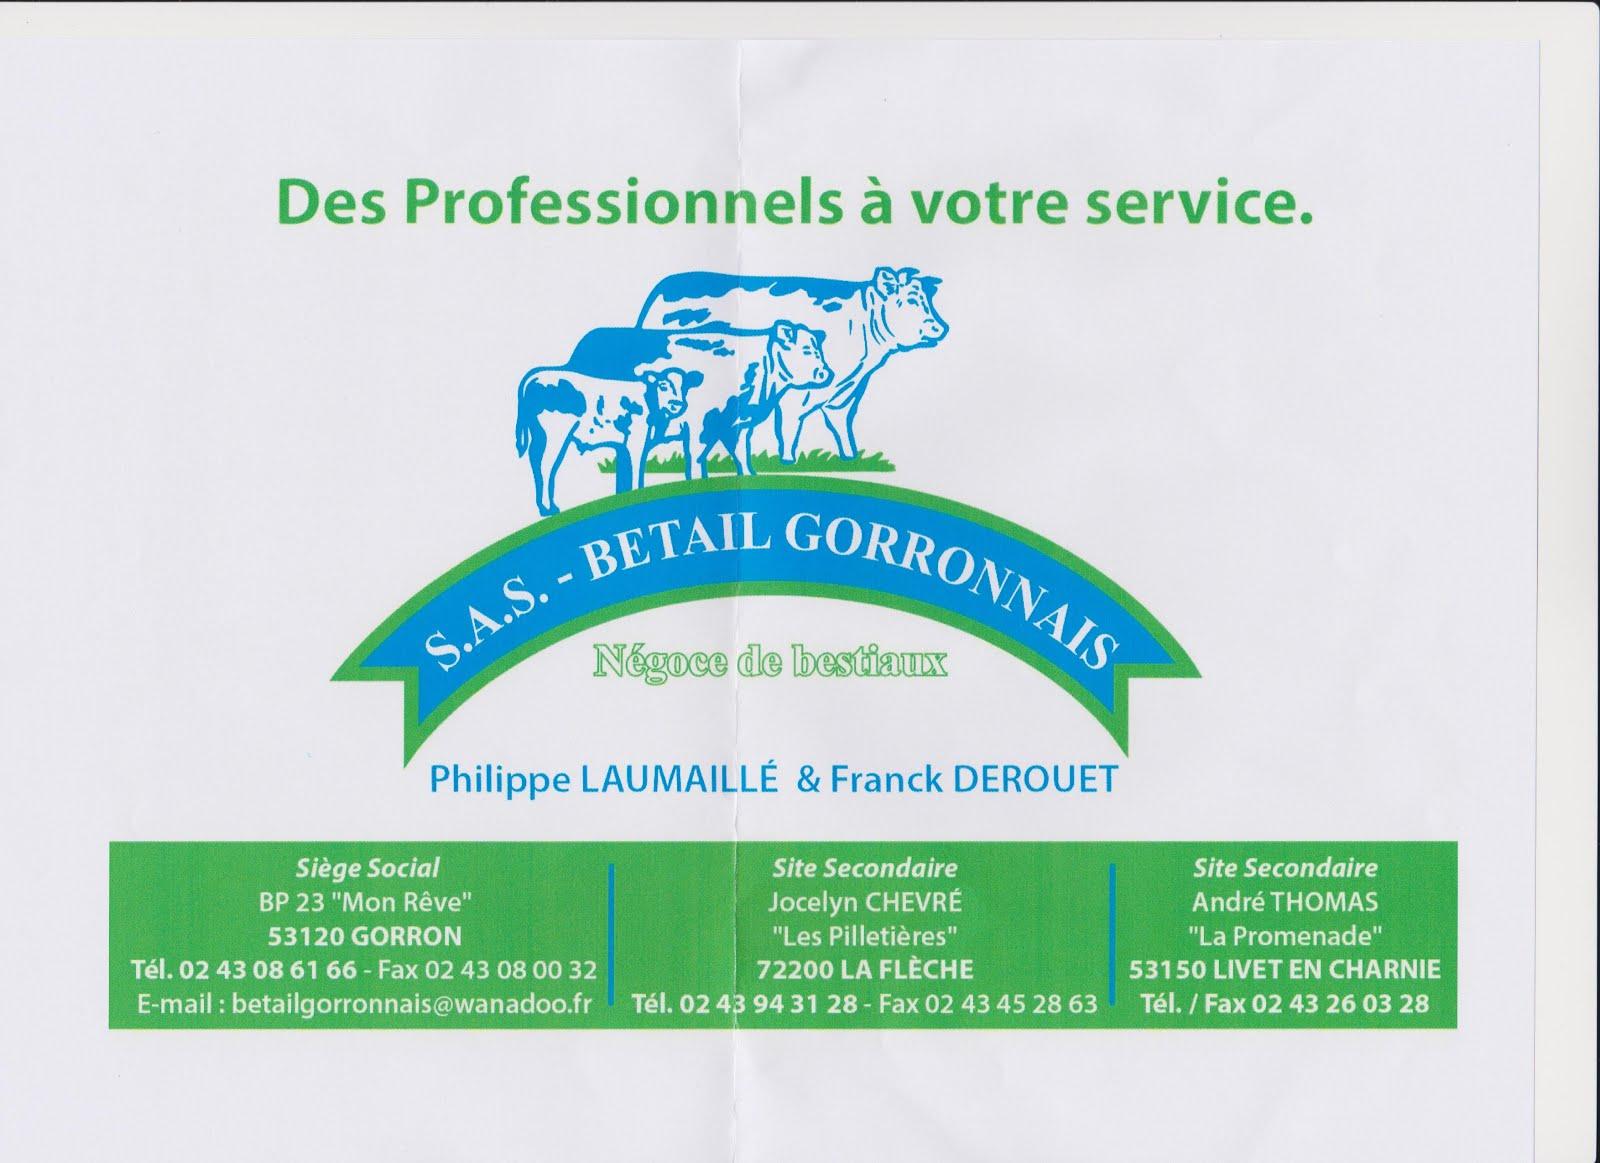 Bétail Gorronnais